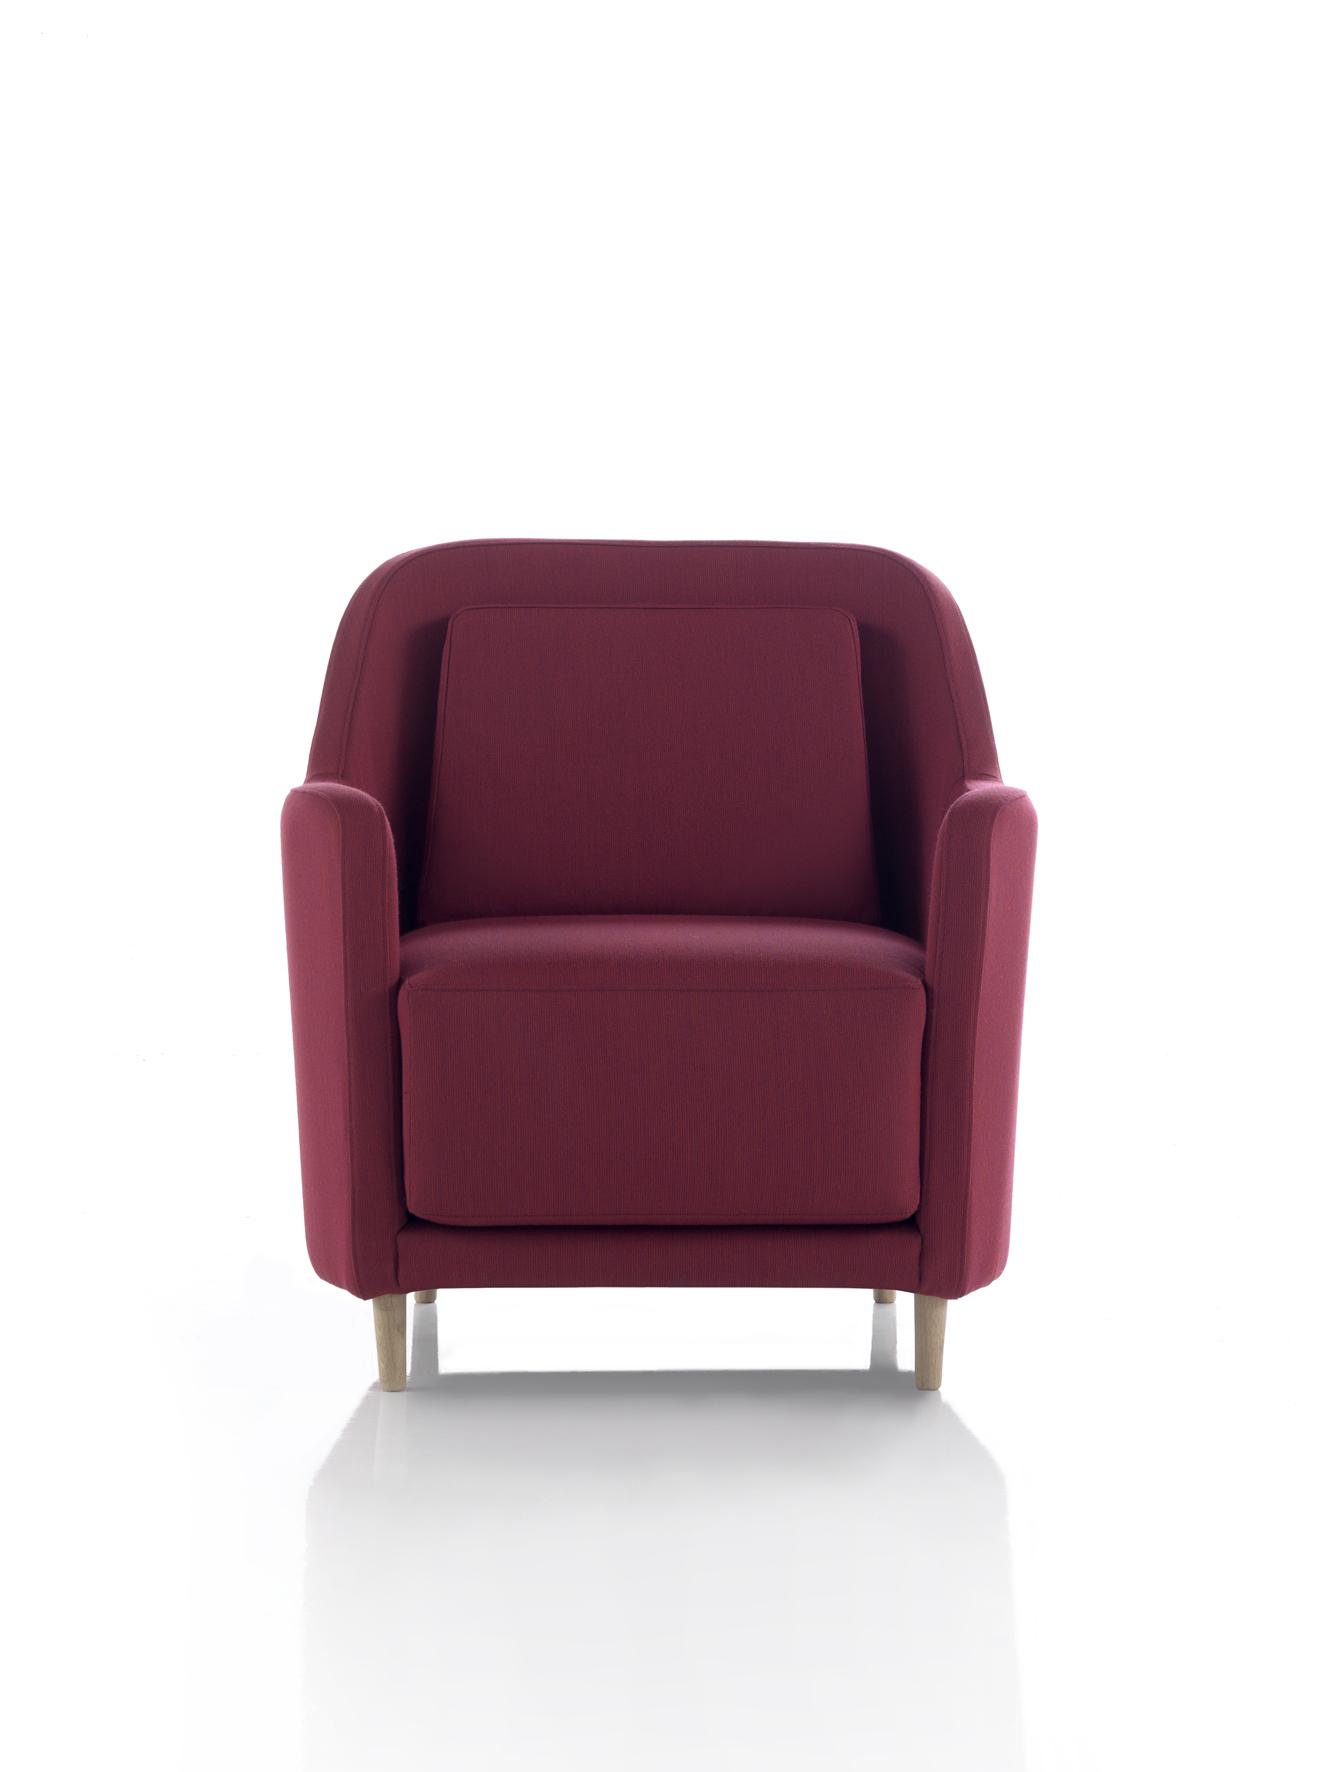 Modernūs minkšti svetainės baldai krėsliukas Audrey 8